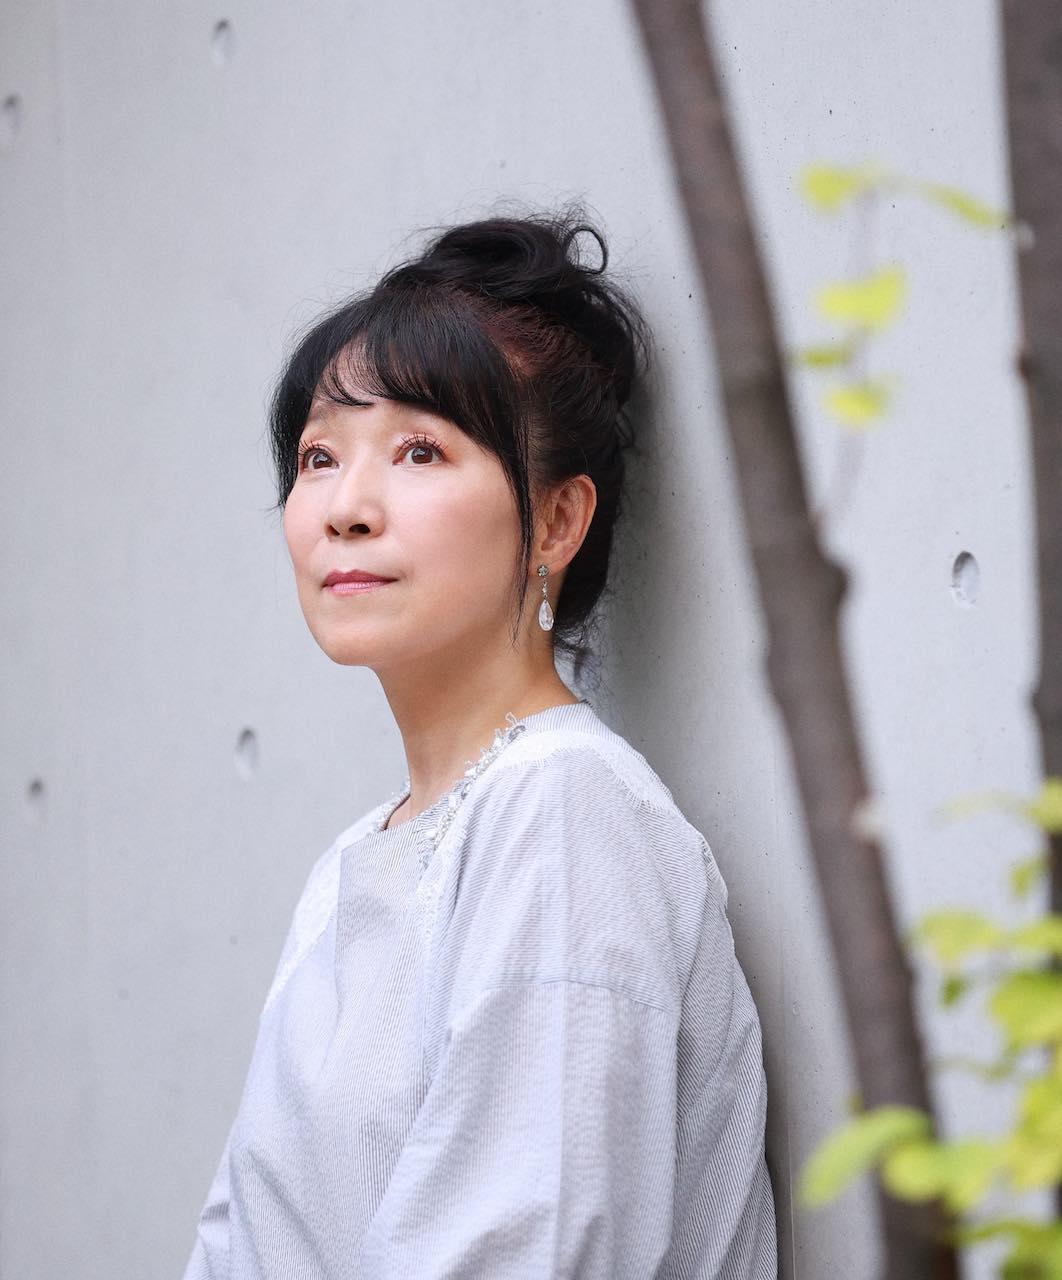 尾崎亜美、45周年記念アルバム「Bon appetit」リリース!各界アーティストからお祝いコメント続々!